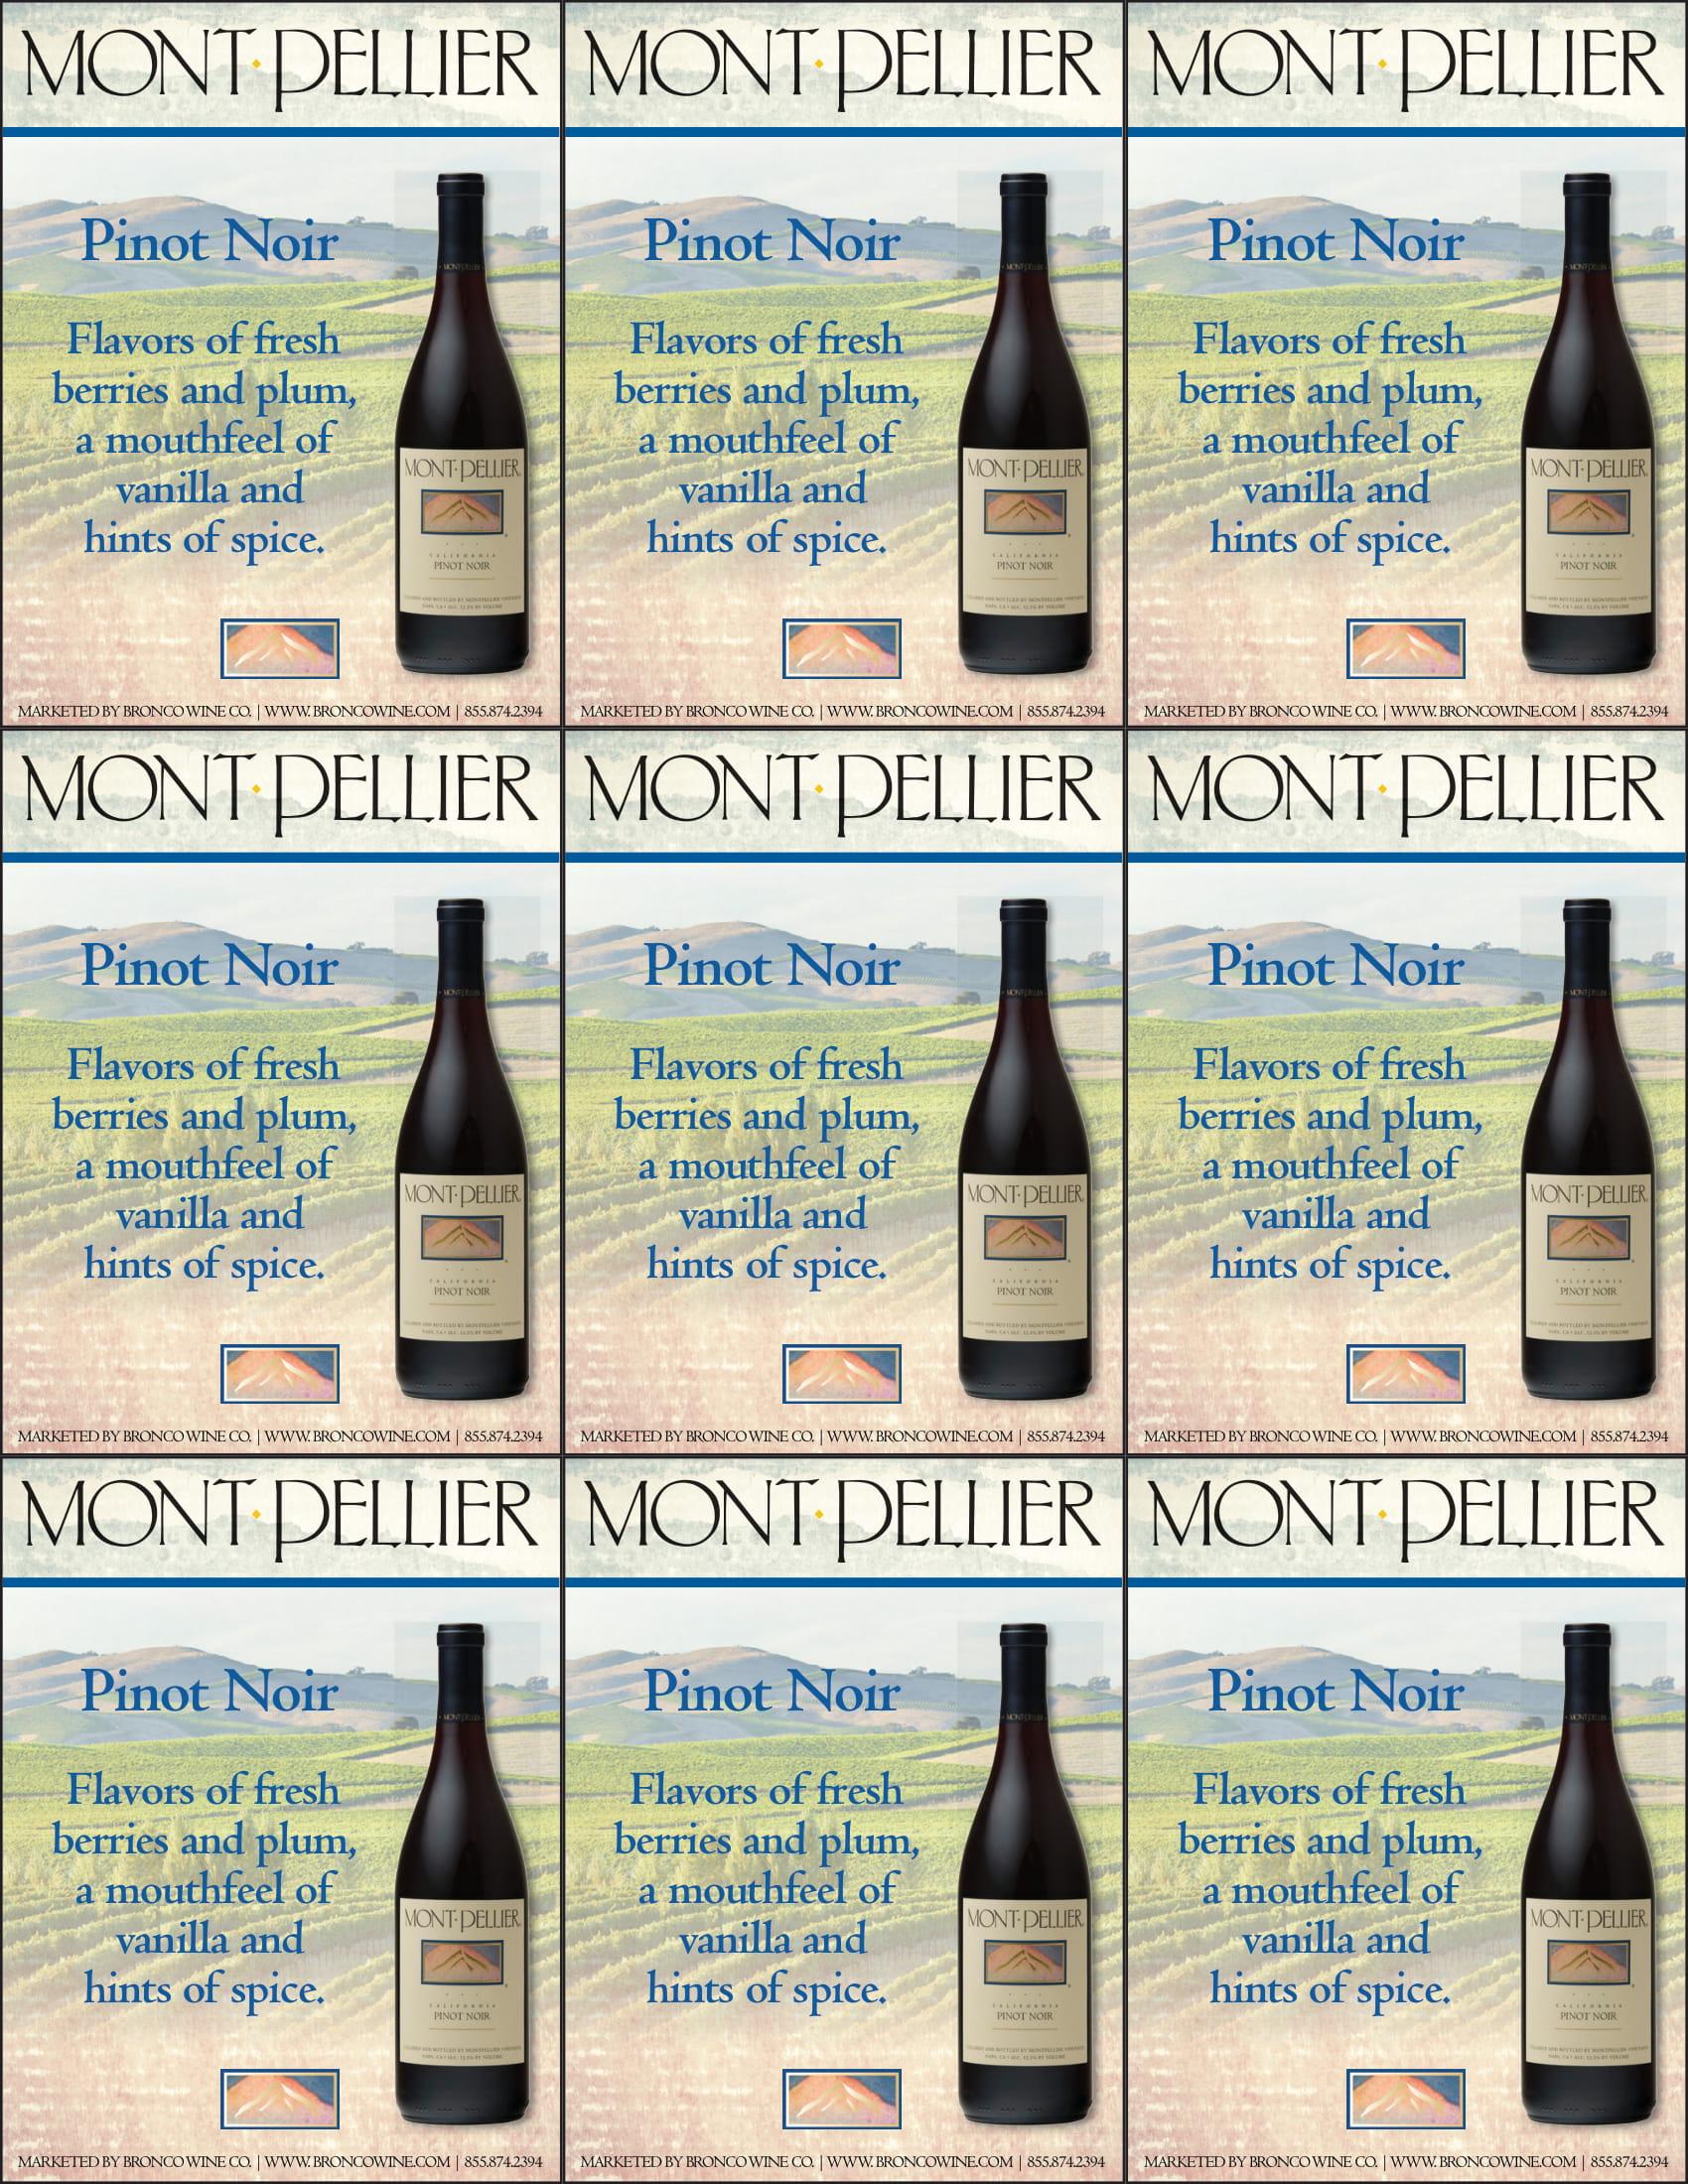 Montpellier Pinot Noir Shelf Talker